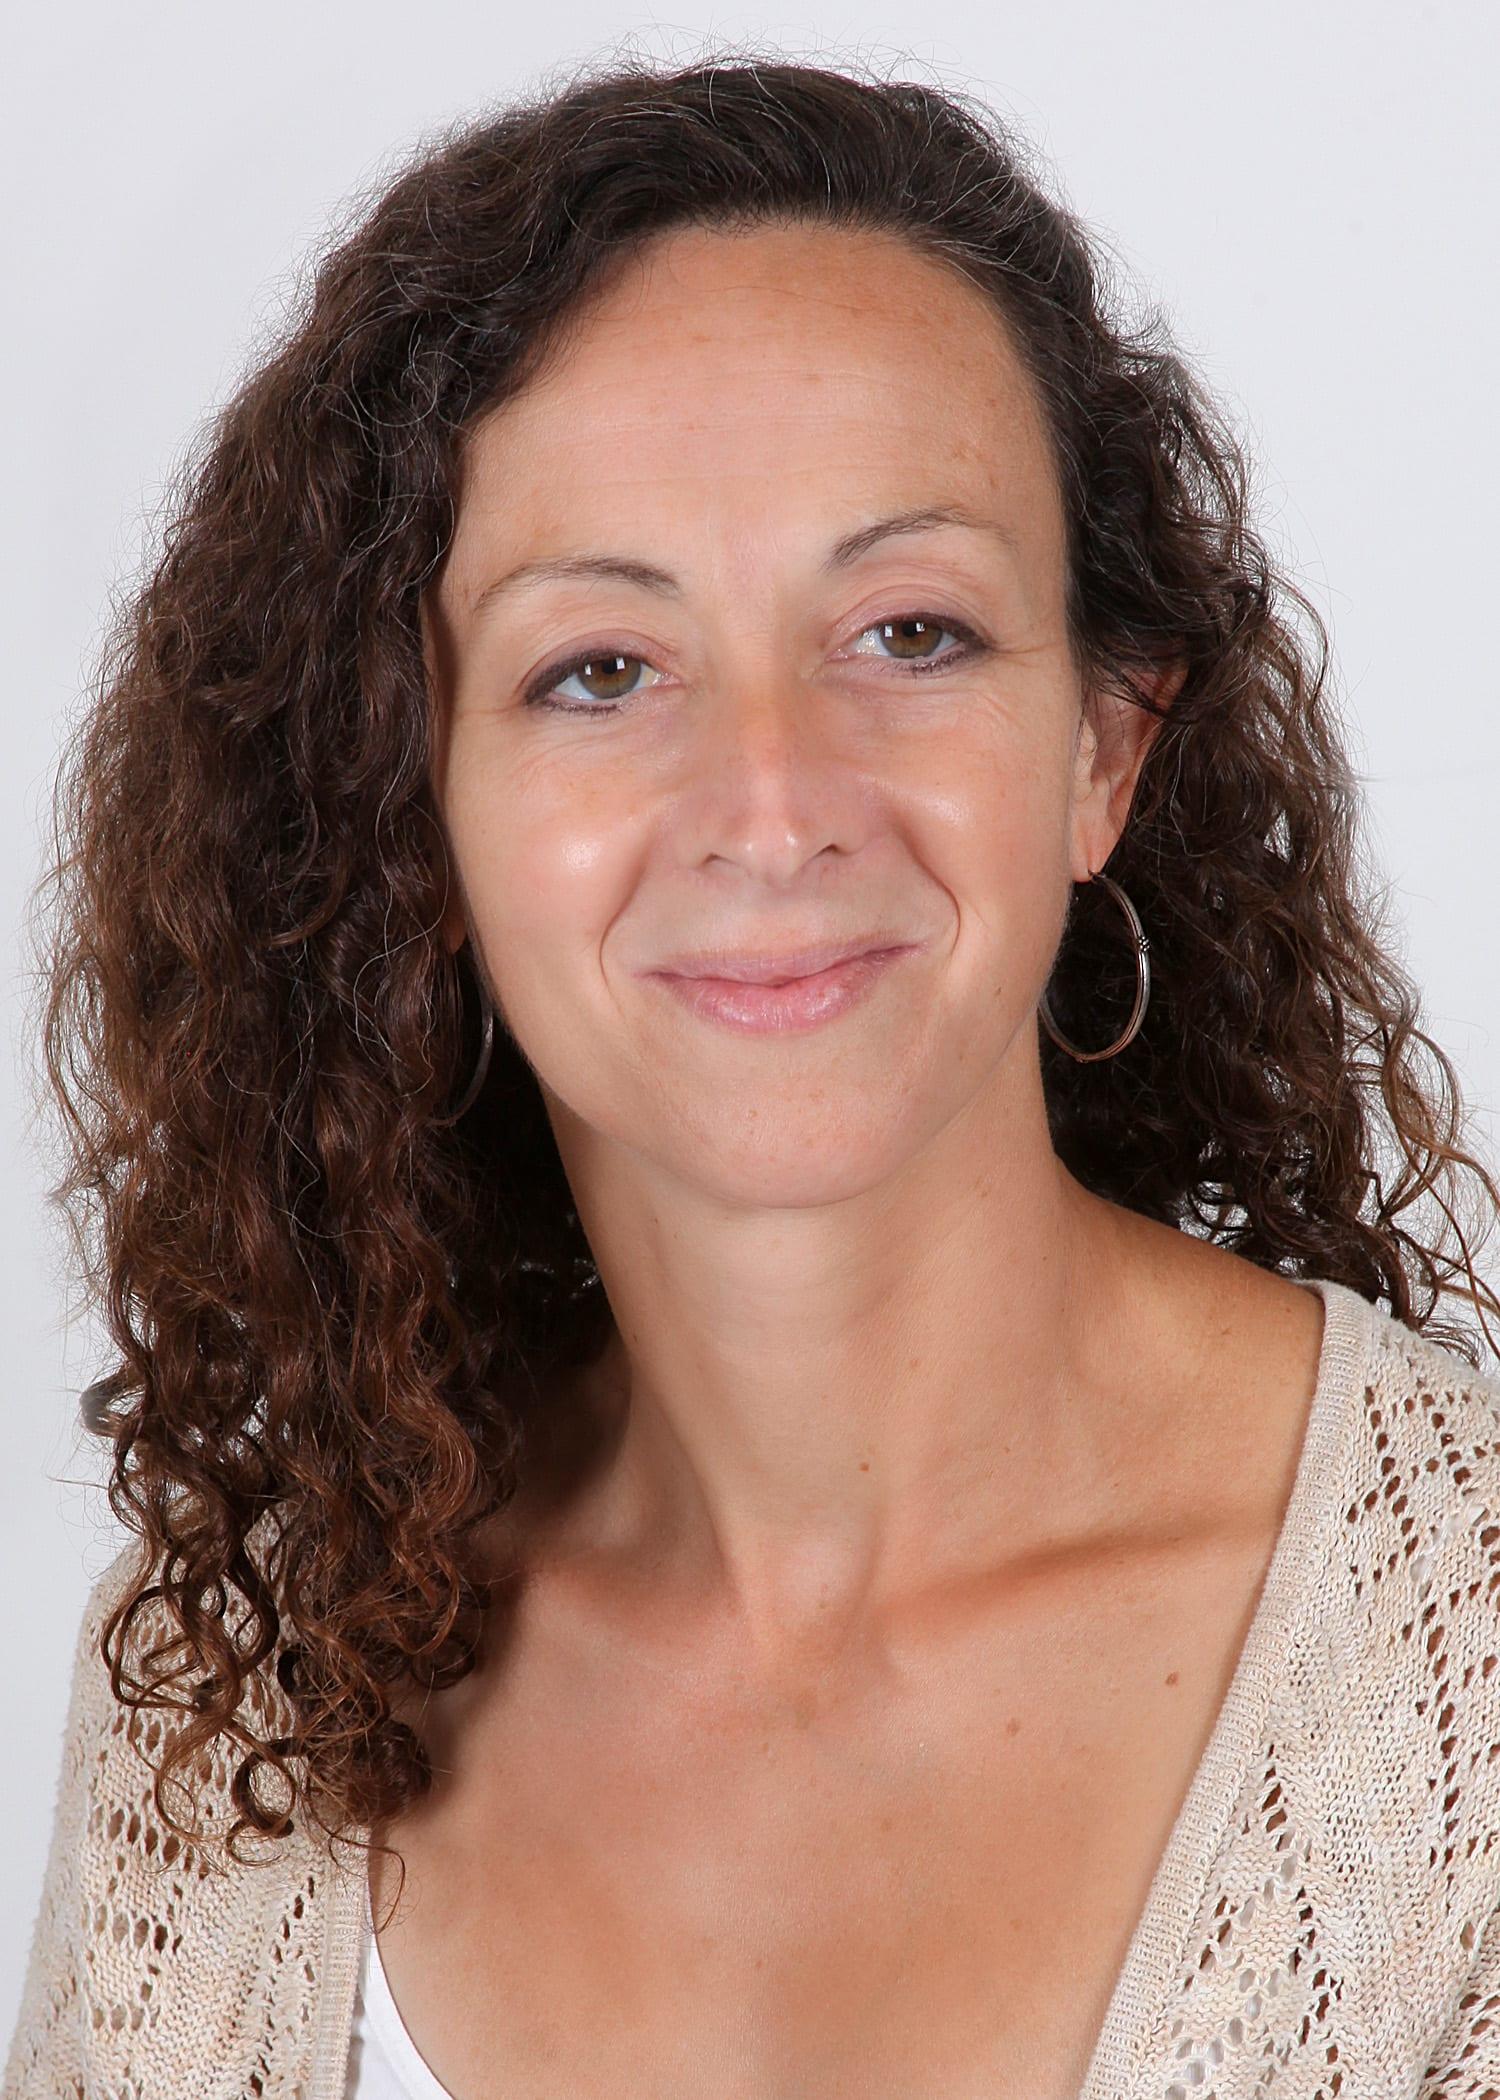 Dr. Christina M Keaney MD